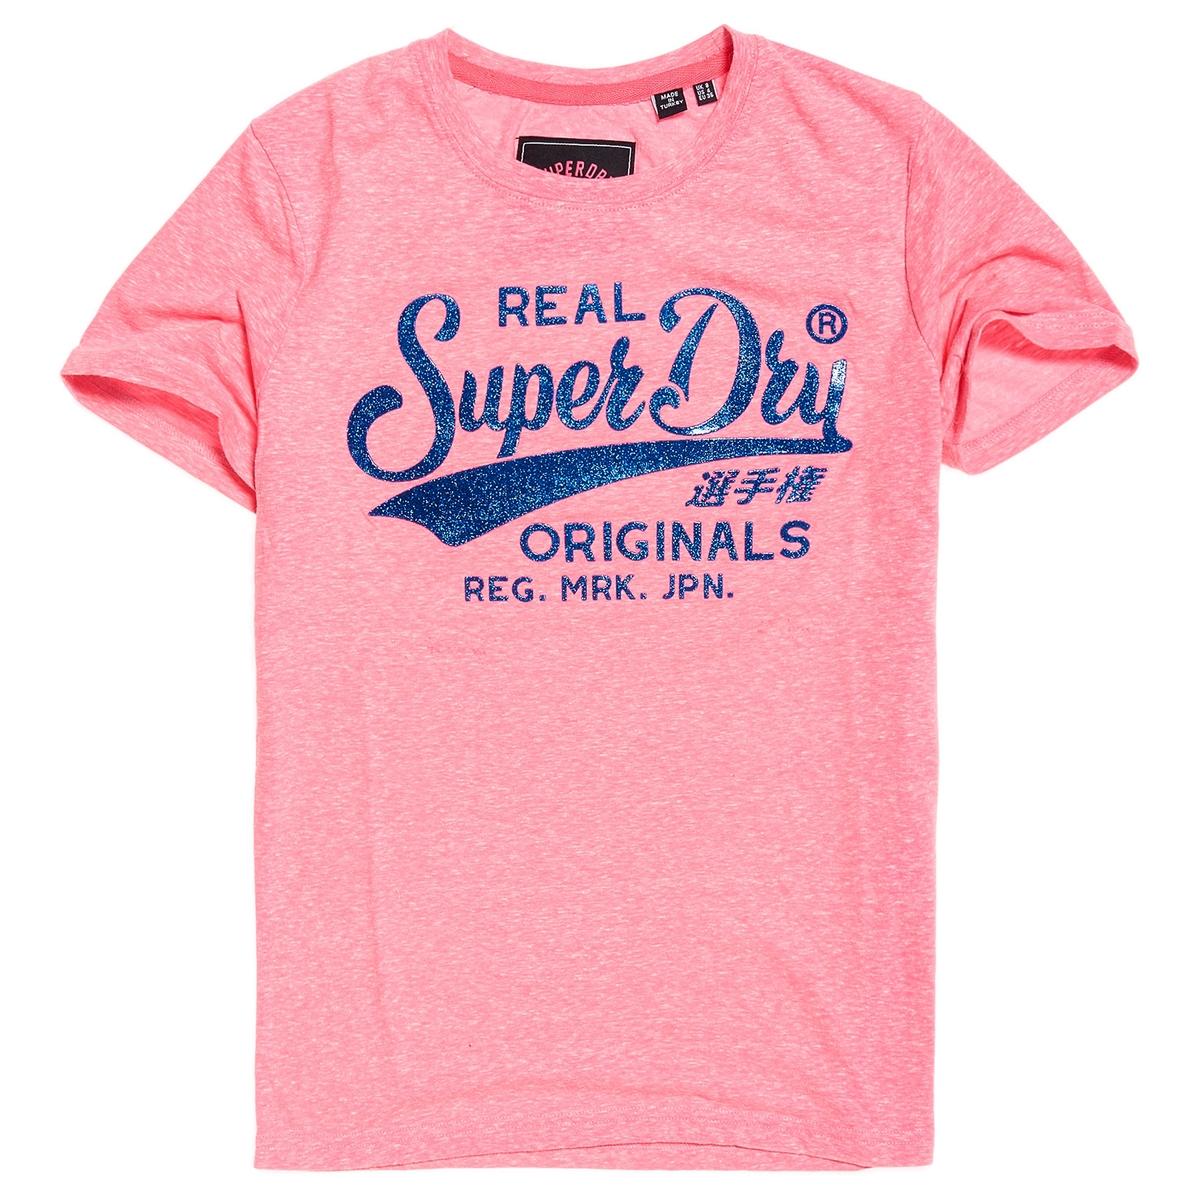 Imagen adicional 2 de producto de Camiseta con estampado delante Real Originals - Superdry